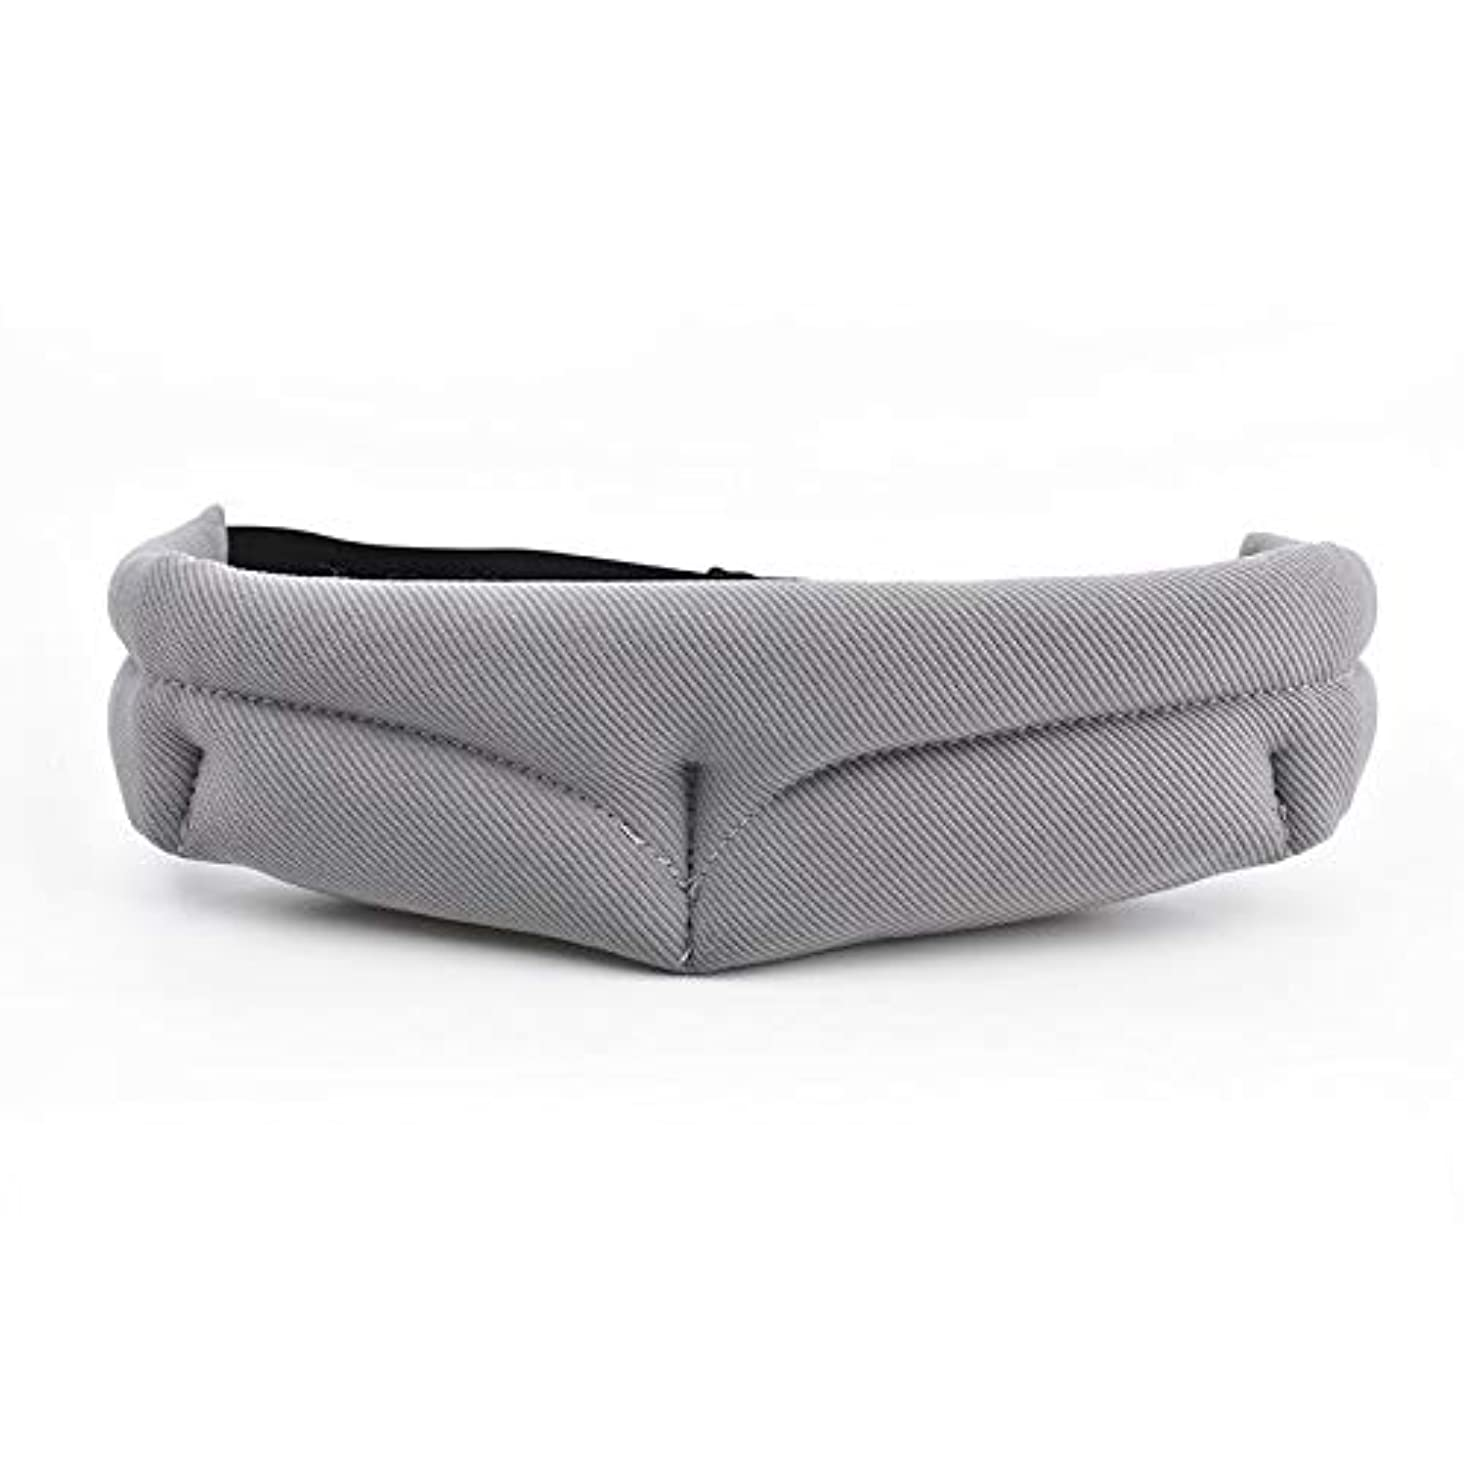 たっぷり学んだ溶けるNOTE 最高の低反発3D睡眠マスクアイシェードカバーシェードアイパッチニュートラルソフトポータブル接眼レンズ自然睡眠旅行リラックス目